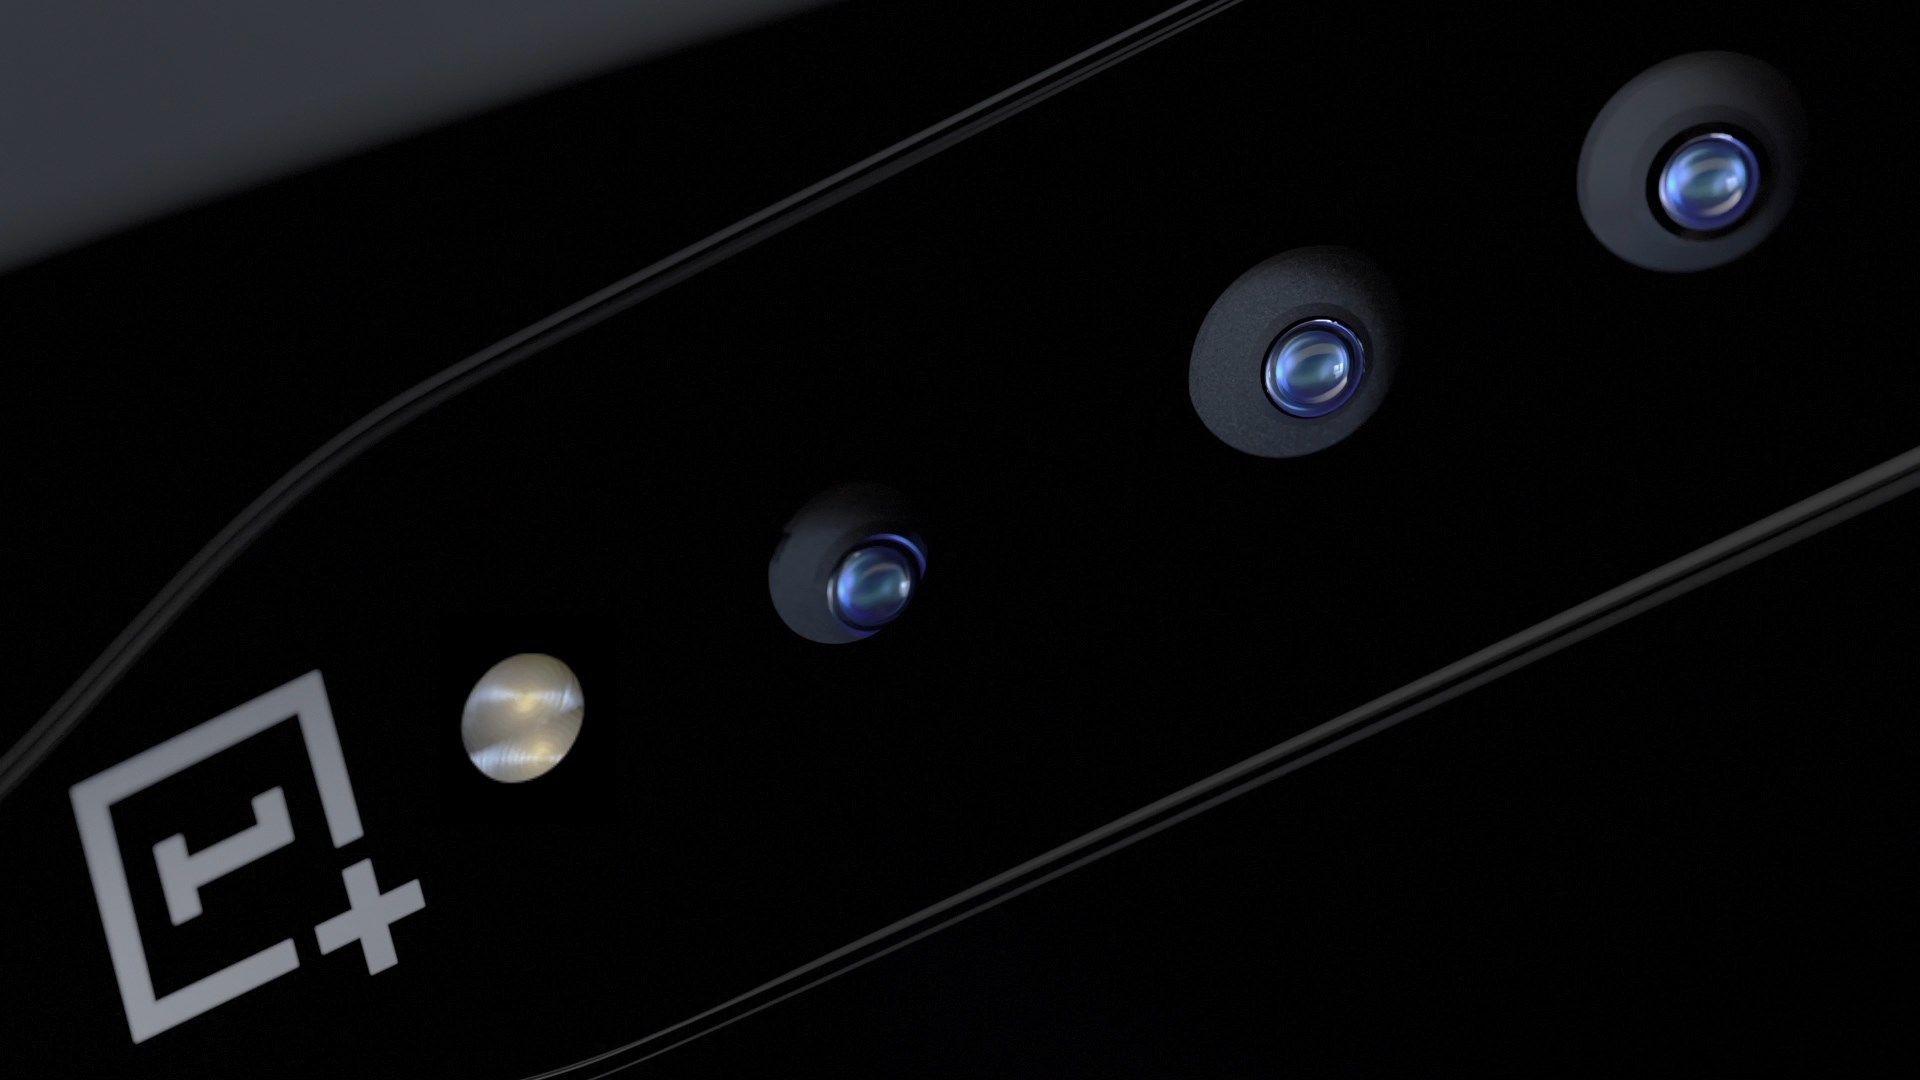 Glasset over kameraene på OnePlus Concept One kan bli svart og skjule linsene helt når de ikke er i bruk.